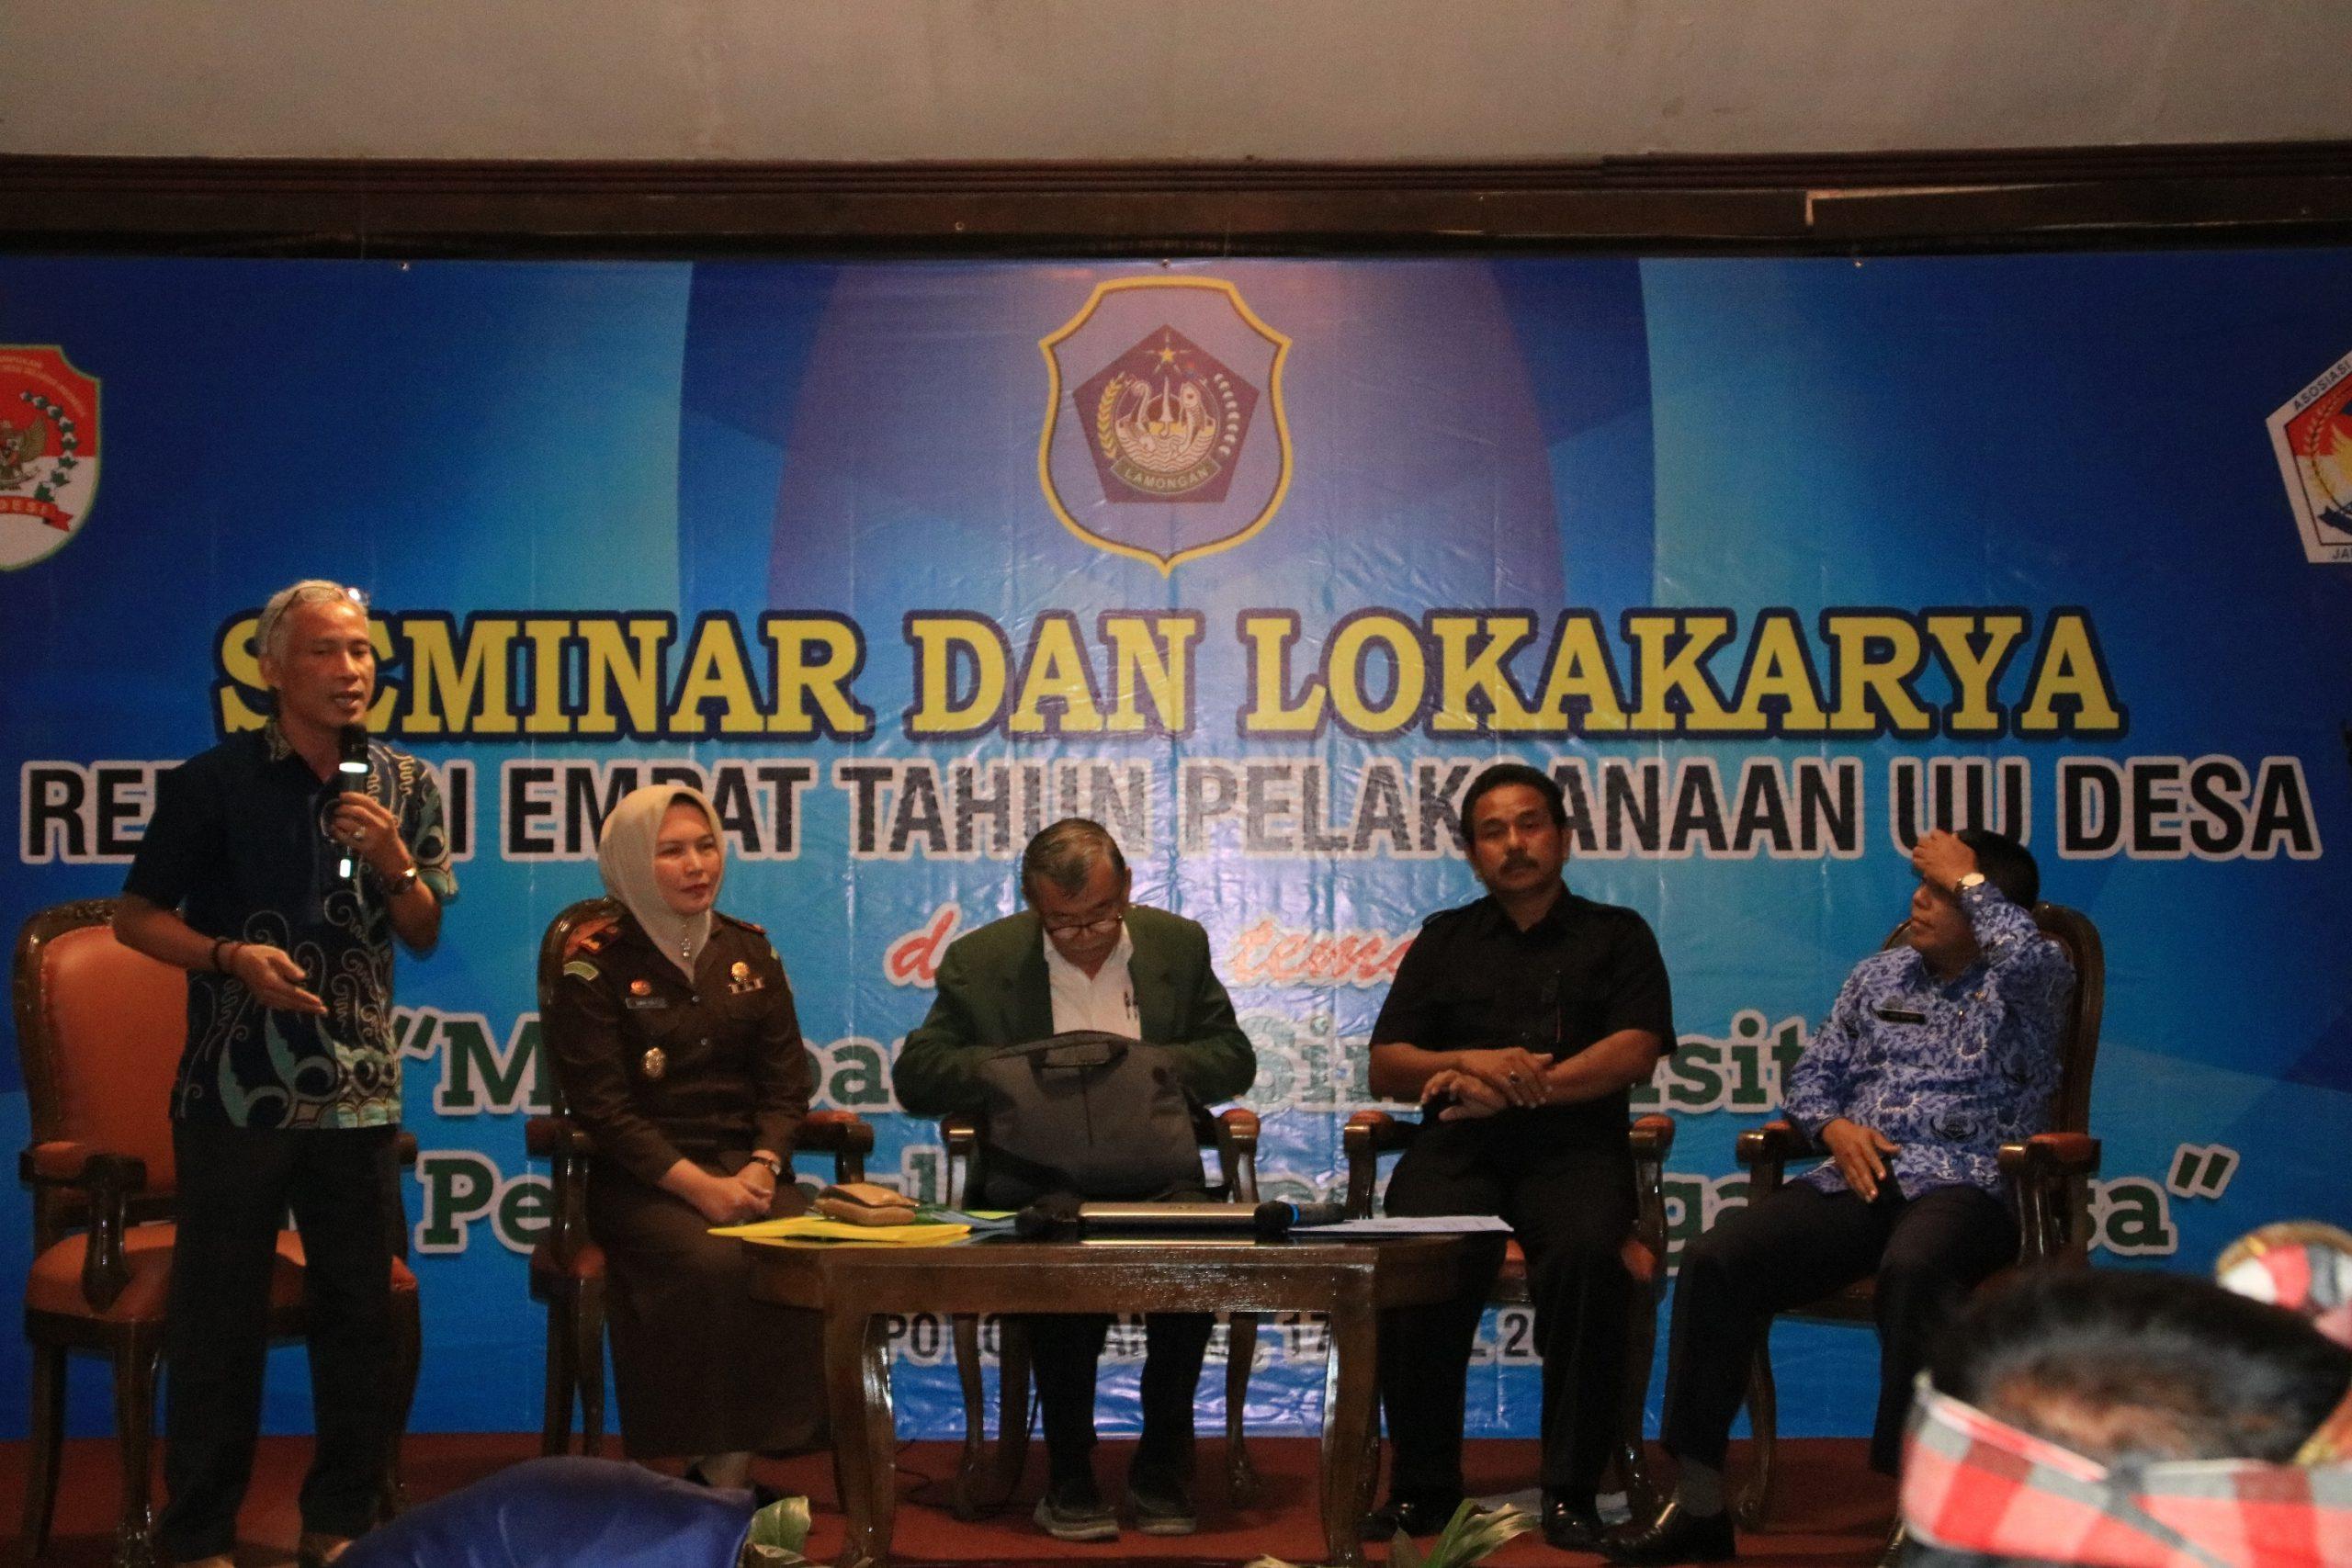 Seminar AKD Lamongan Dihadiri oleh Bibit Samad